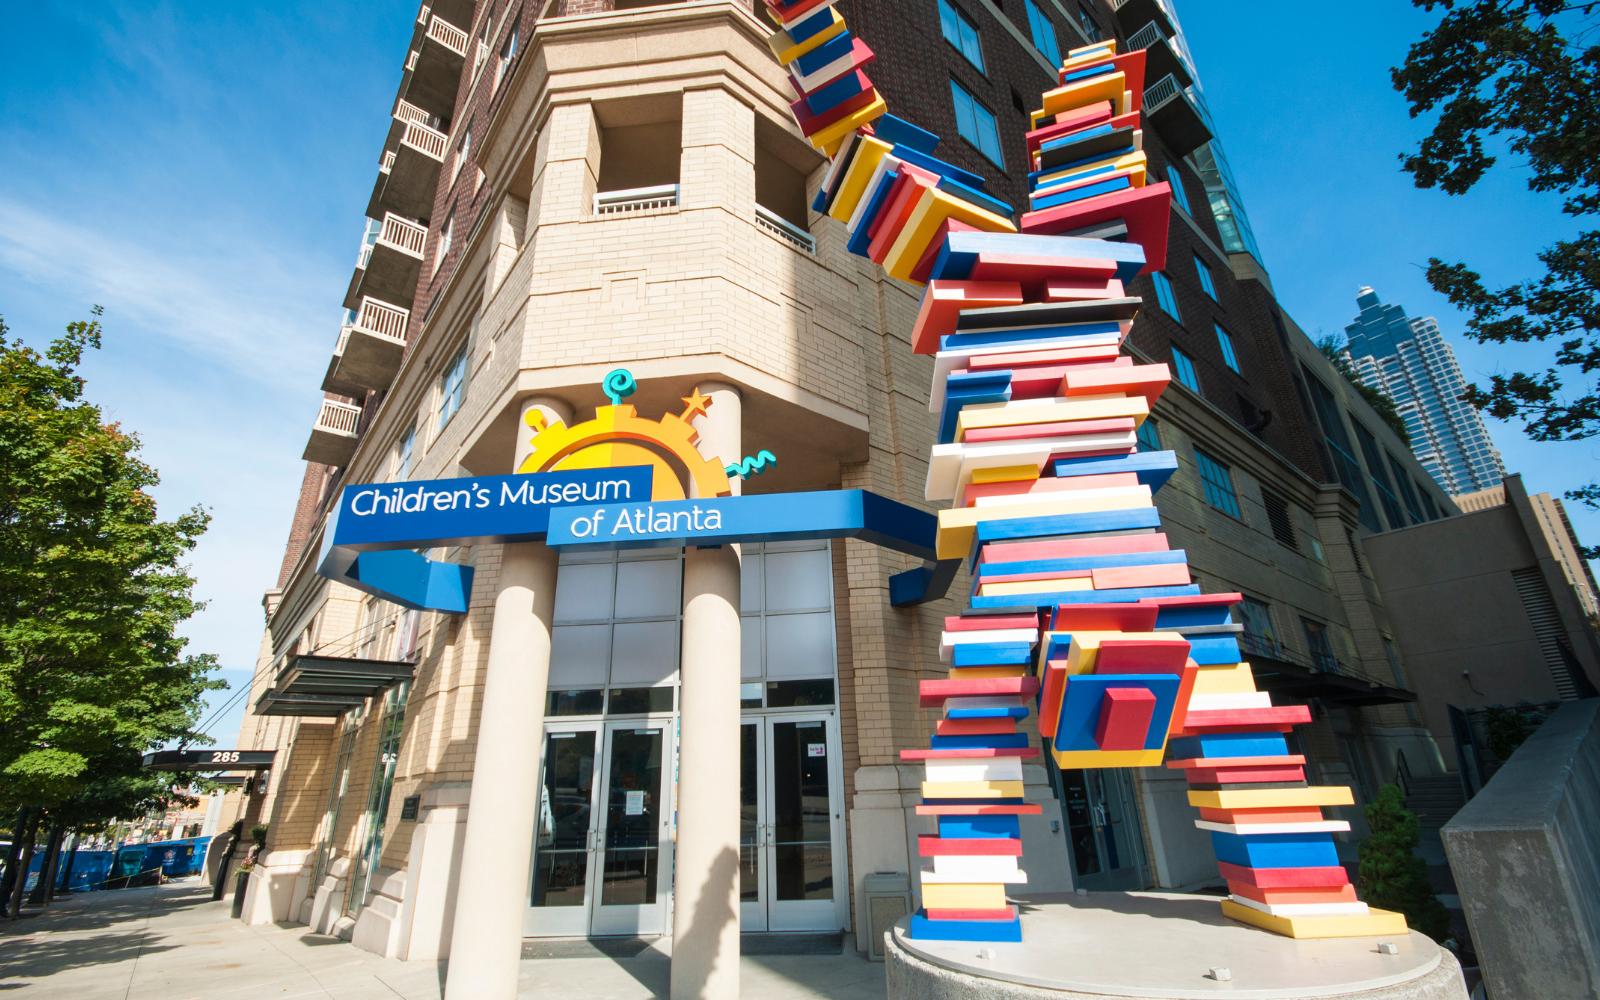 Children's Hands On Museum | Children's Museum of Atlanta